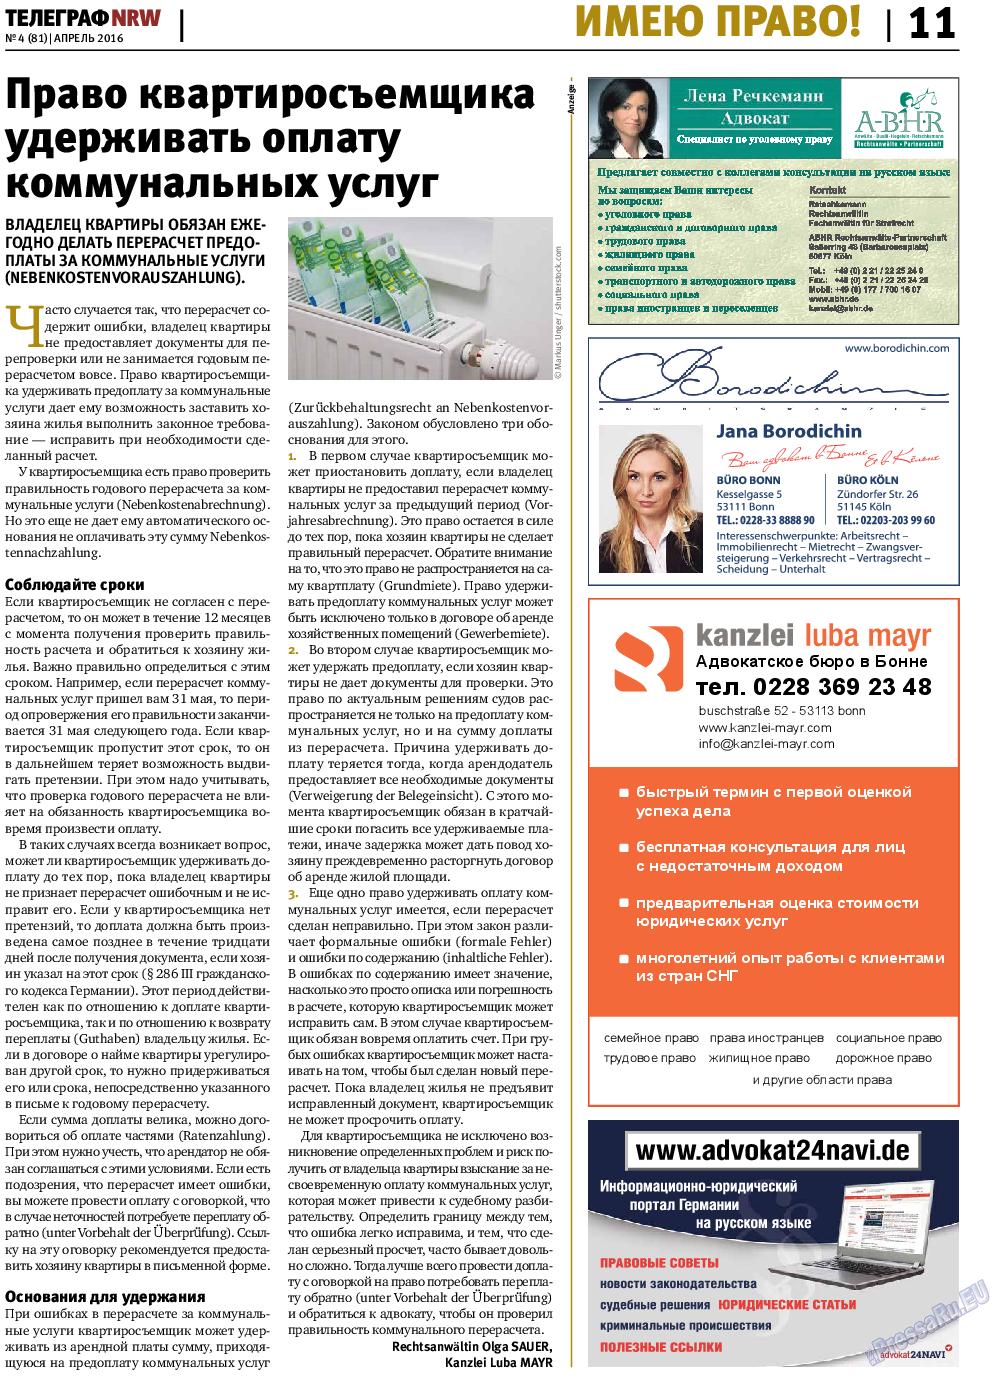 Телеграф NRW (газета). 2016 год, номер 4, стр. 11